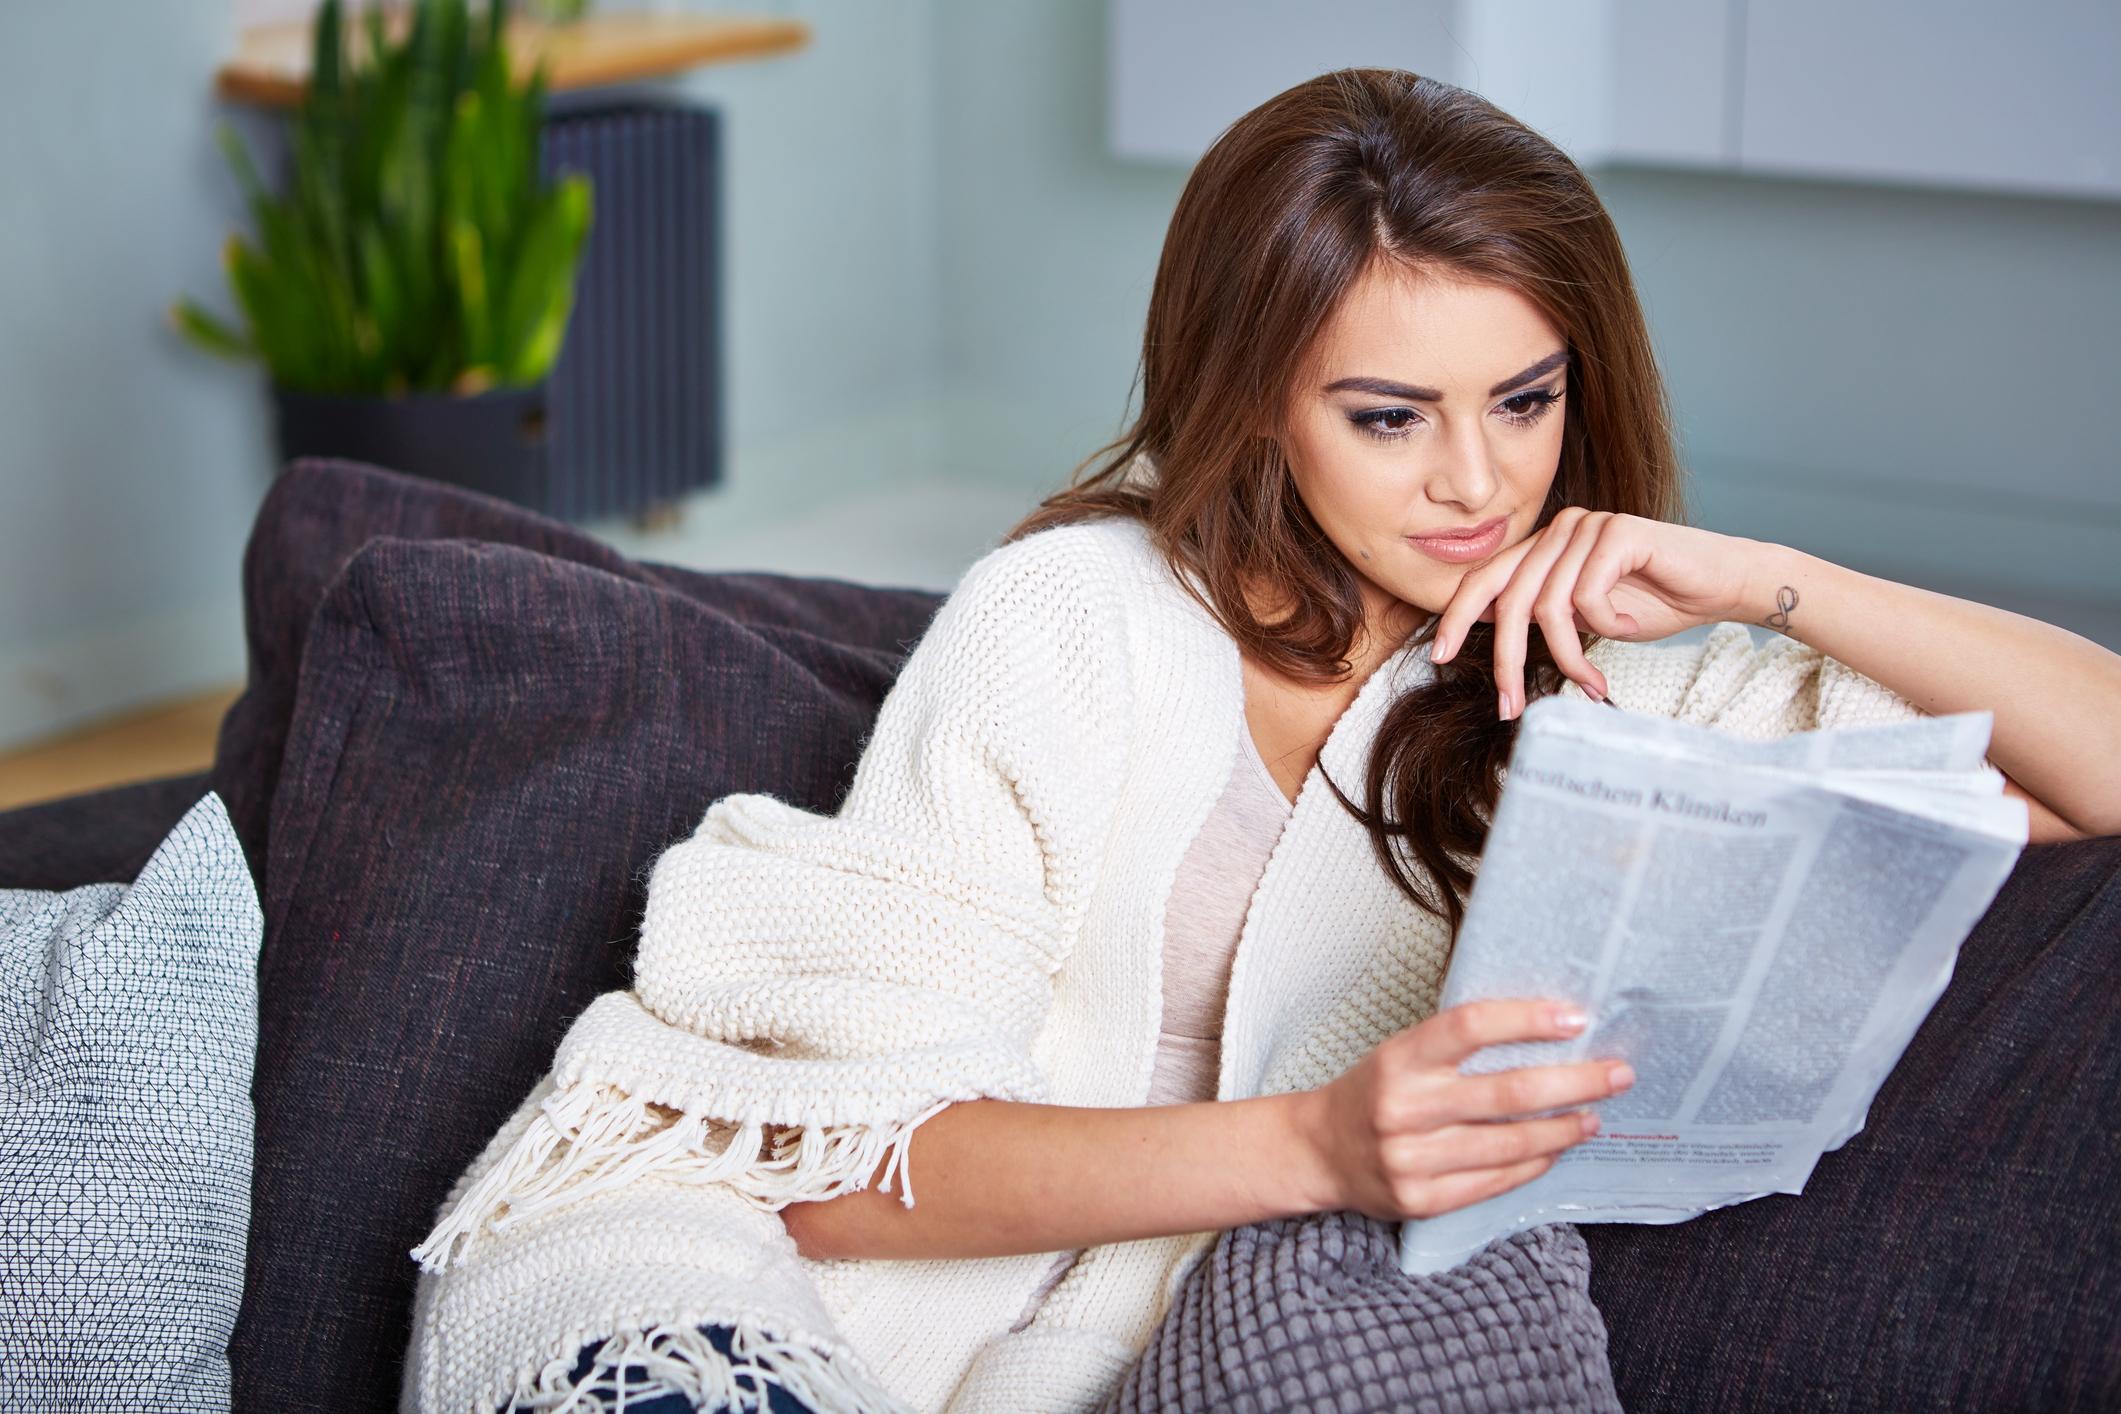 Entspannt Zeitung lesen - was gibt es Schöneres?